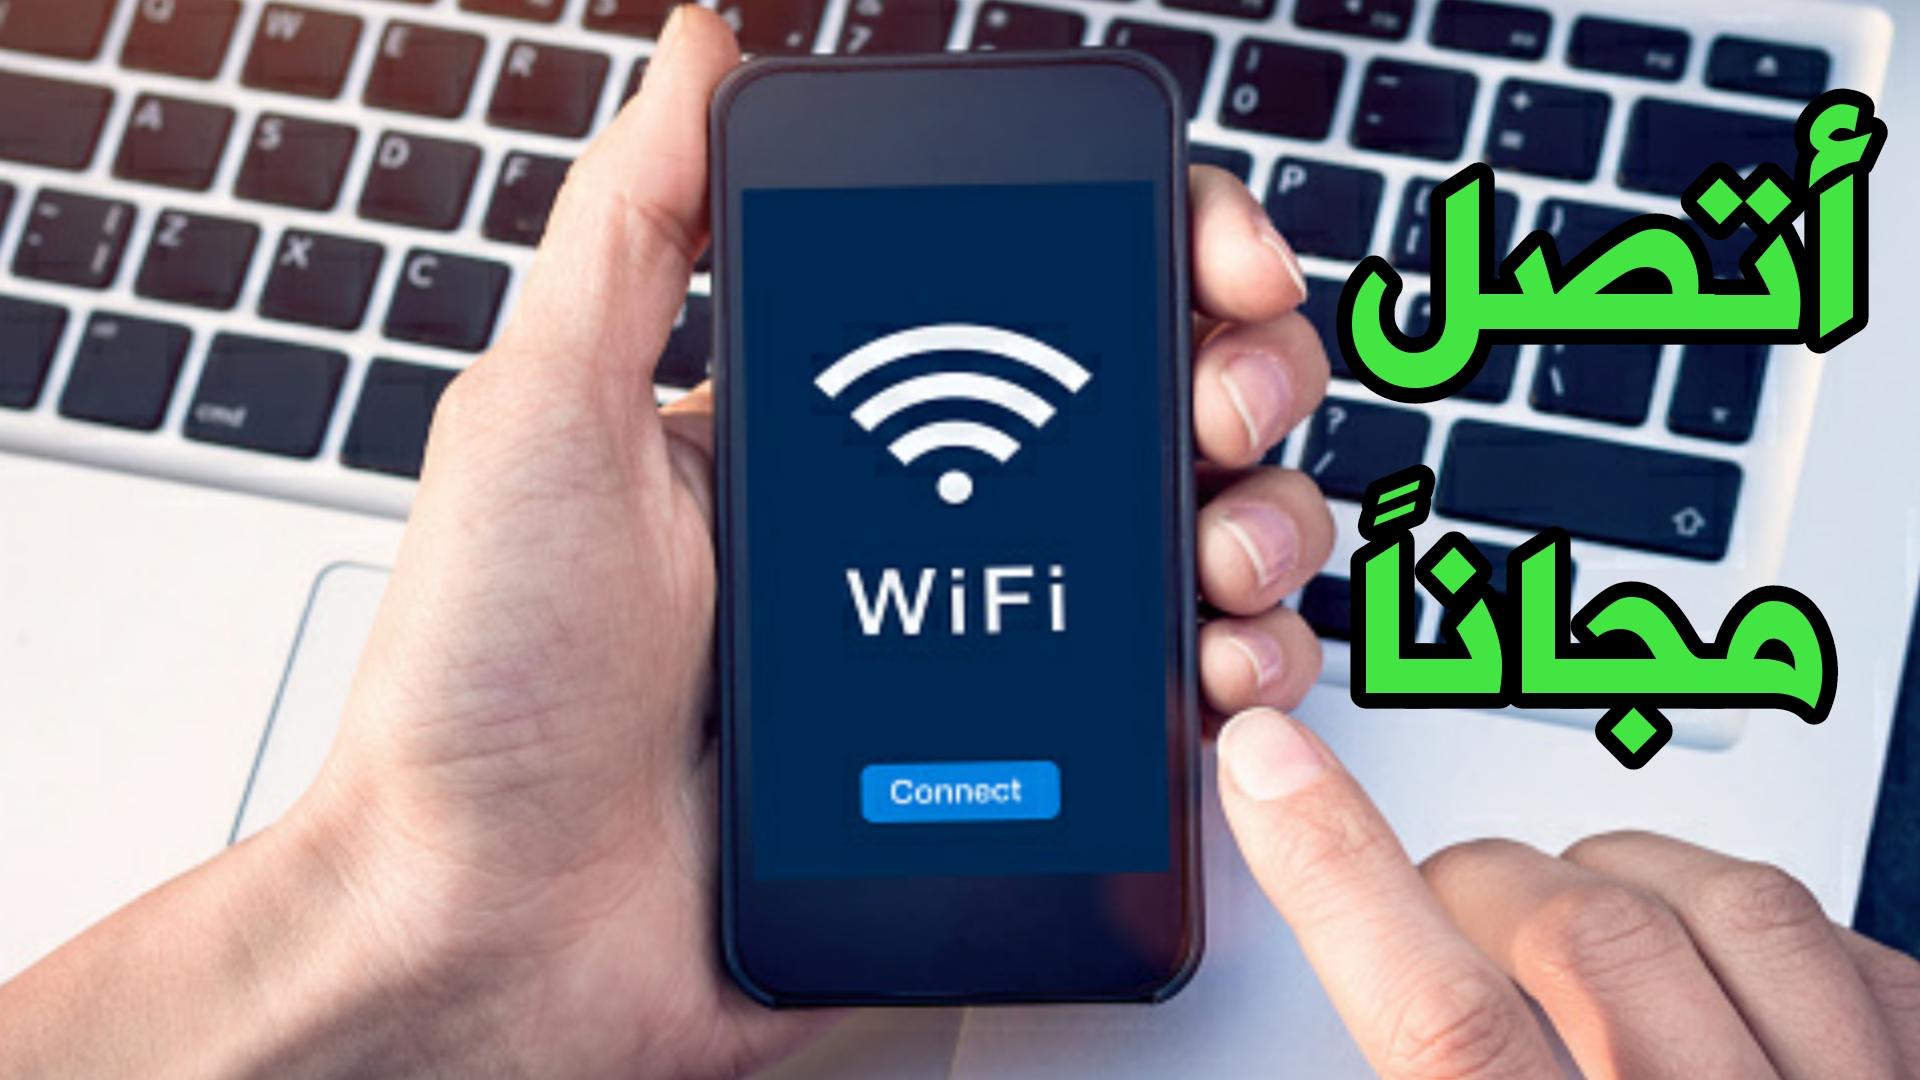 كيف تتصل مجانا بأي شبكة واي فاي وبضغطة زر واحدة فقط وحماية شبكتك من ثغرة WPS